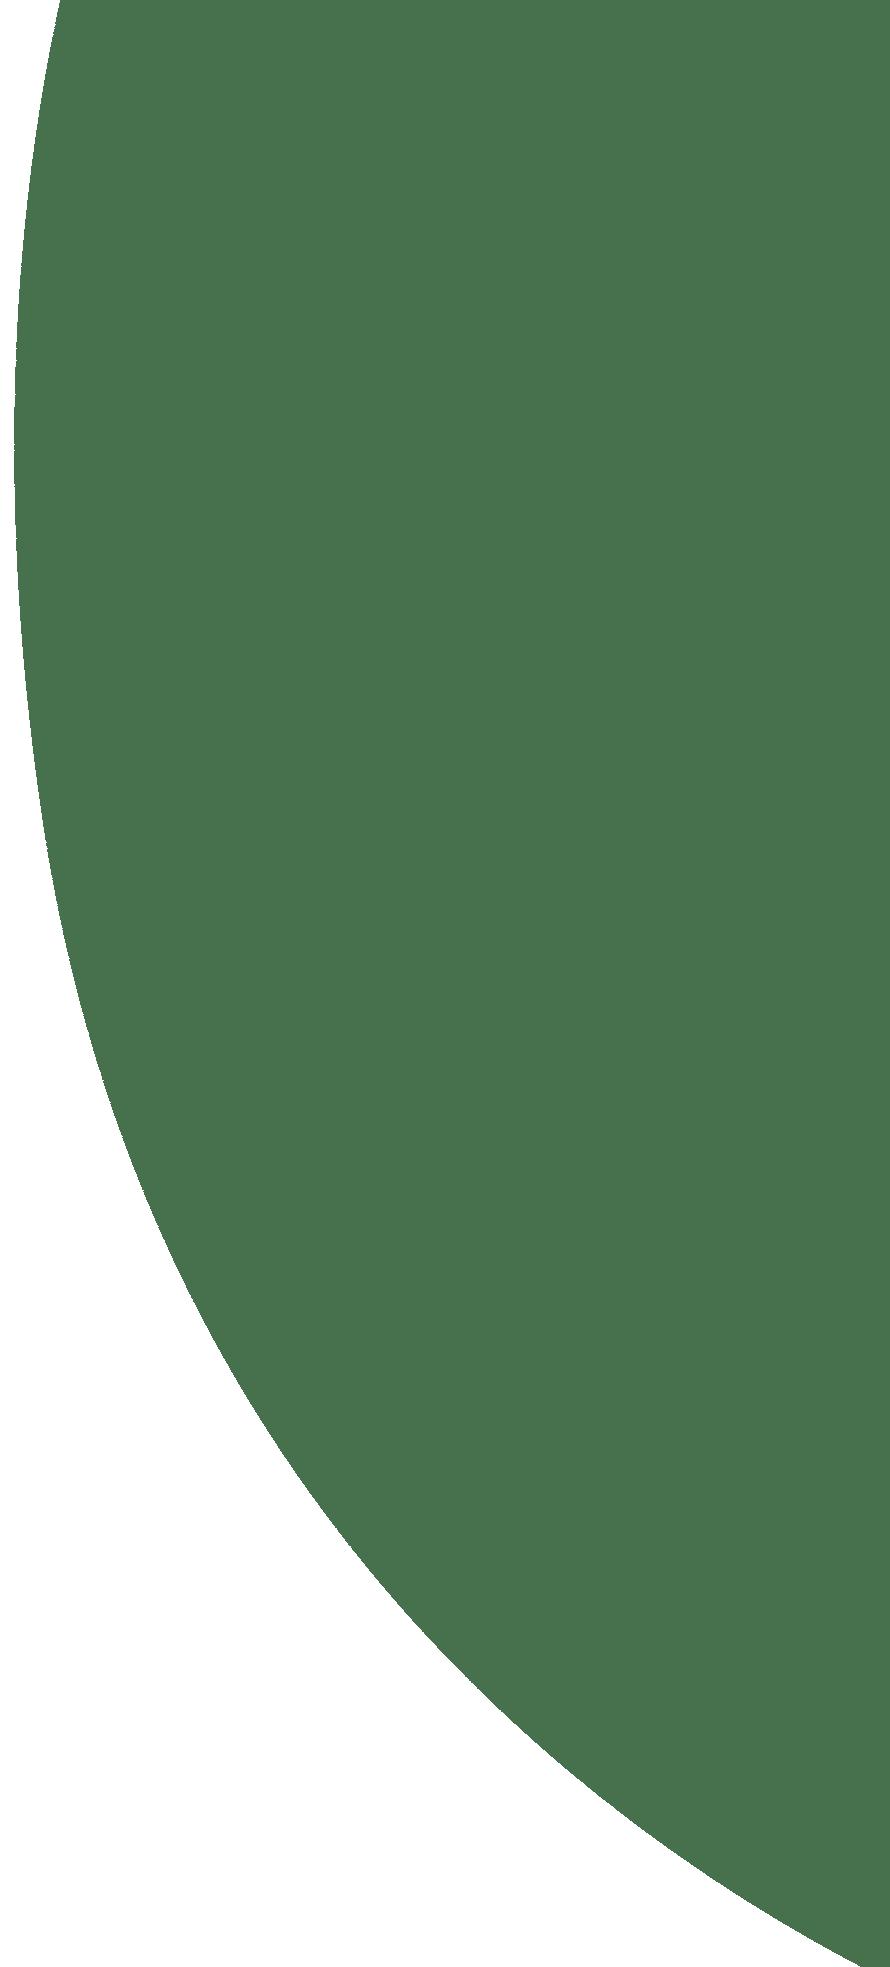 Curve shape